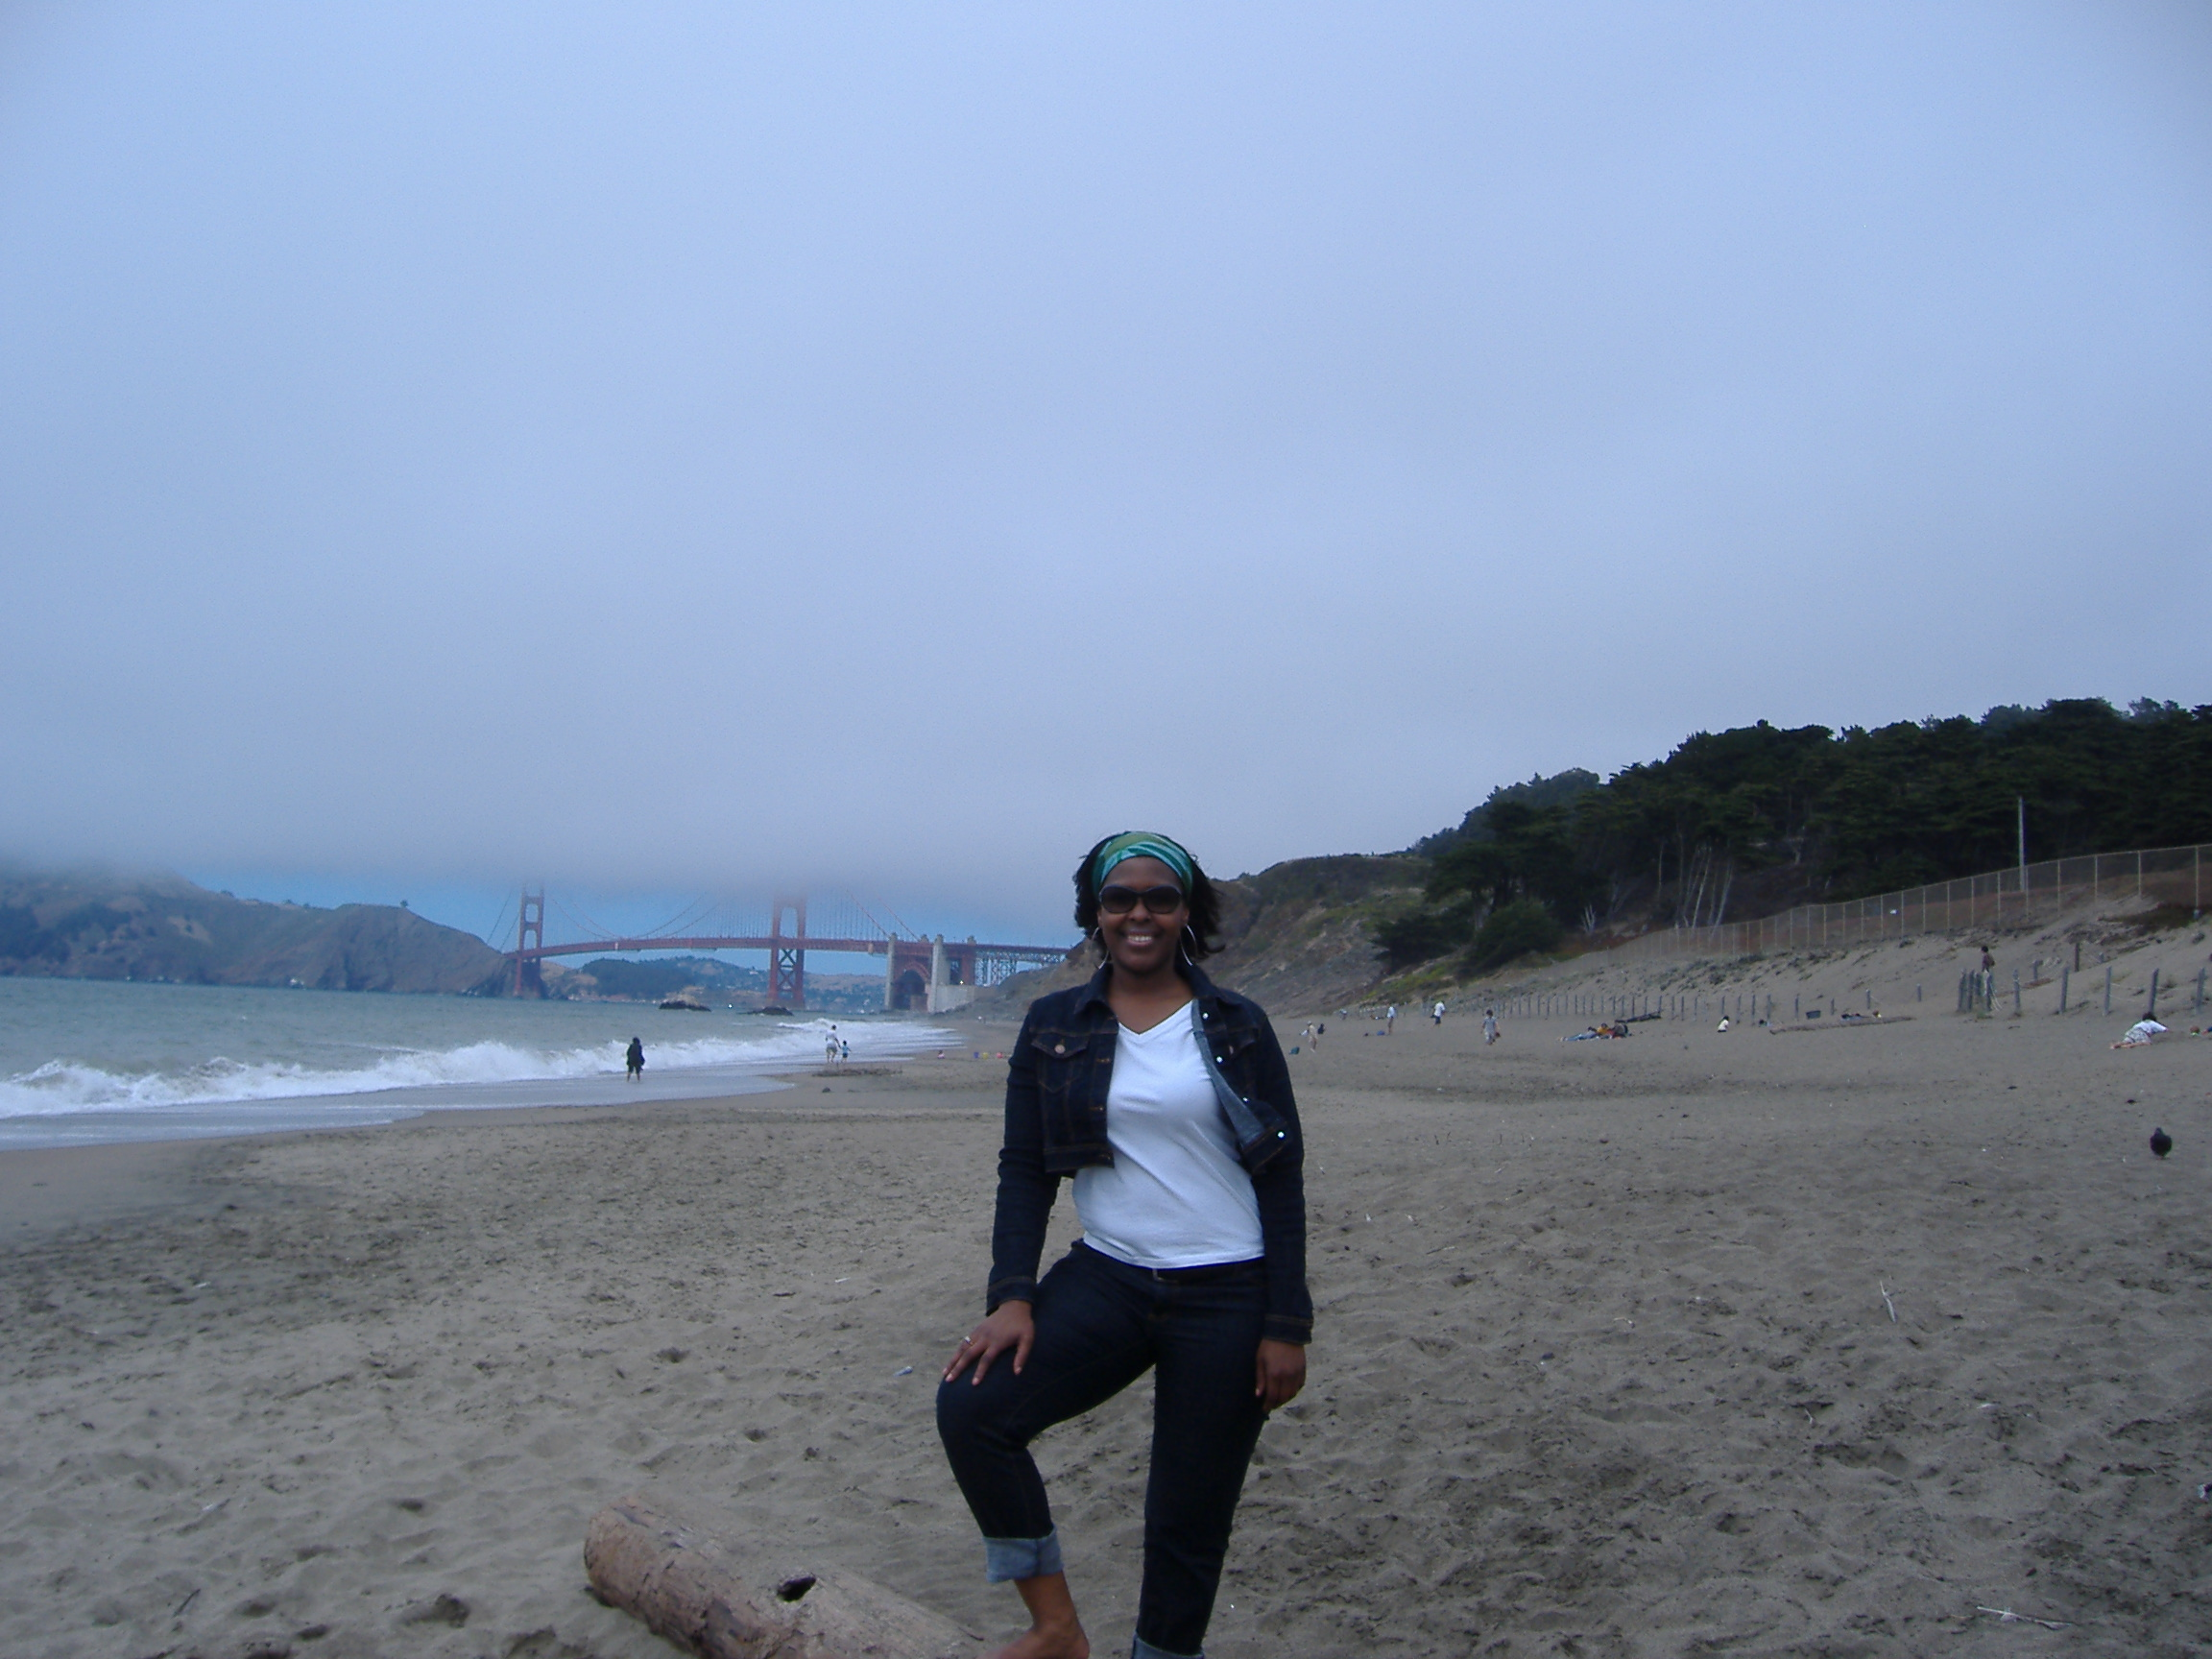 Ch 1 - Baker Beach